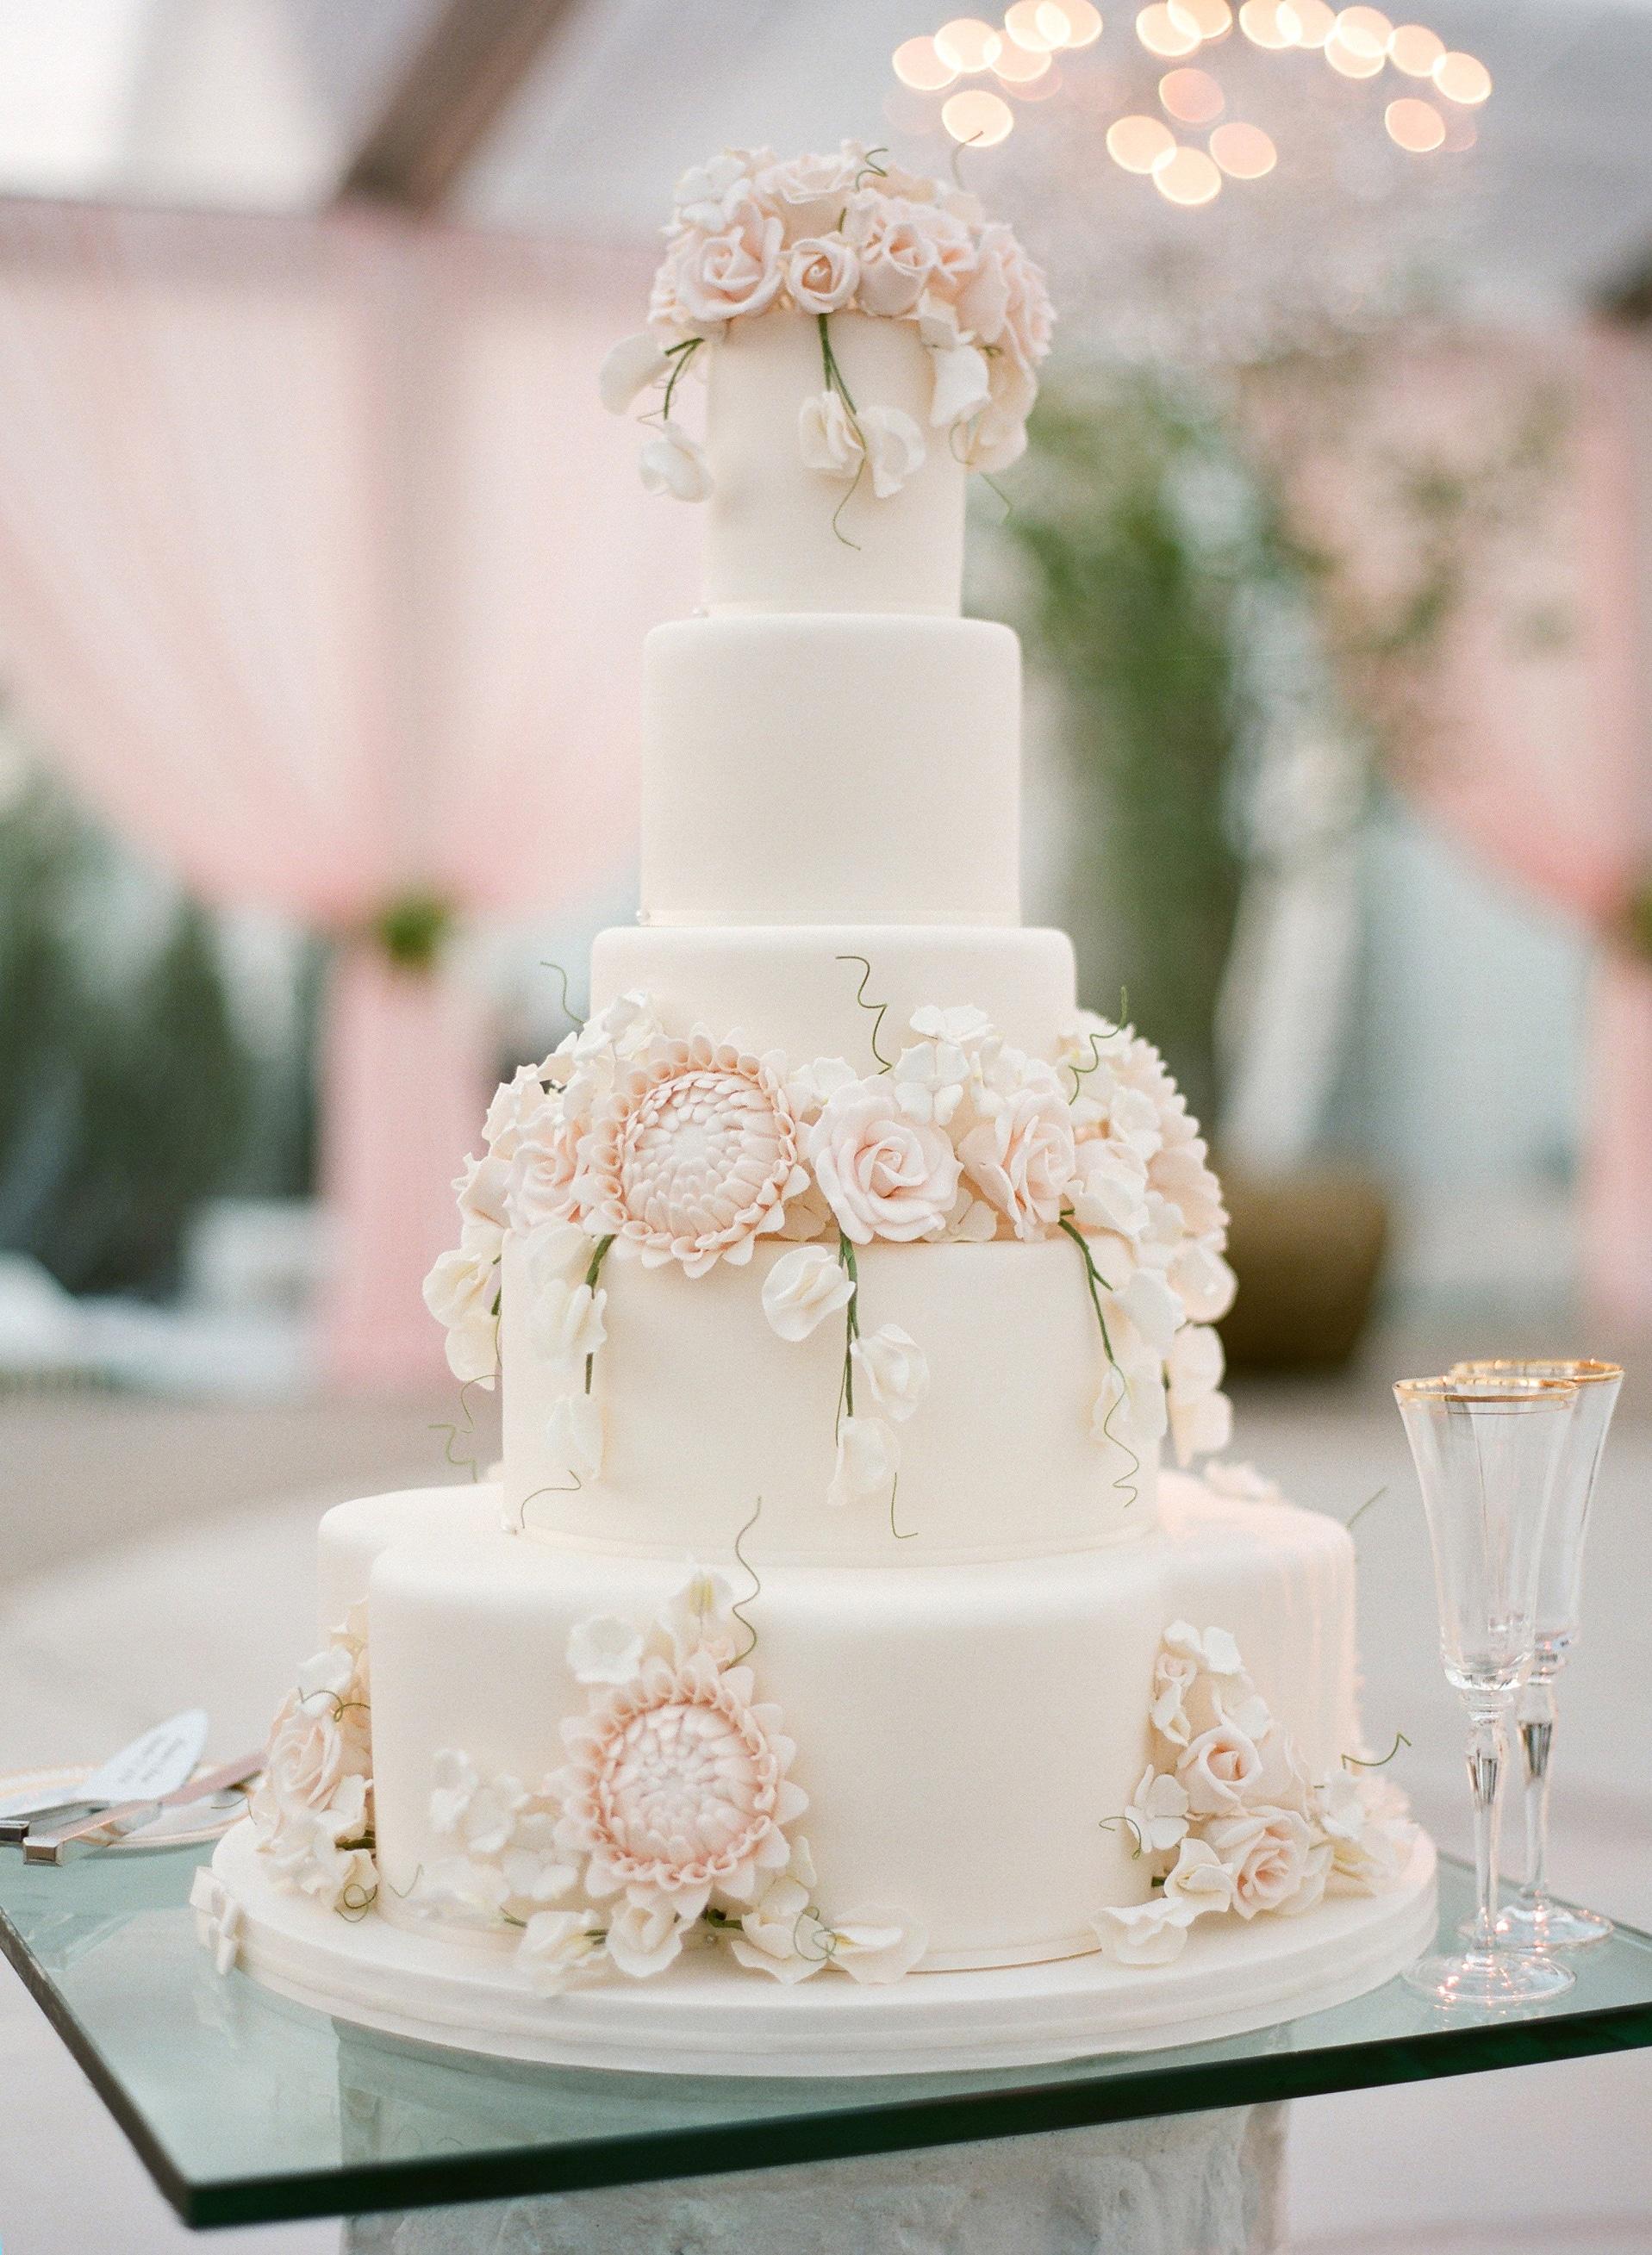 Un majestueux gâteau de mariage vegan saveur vanille.